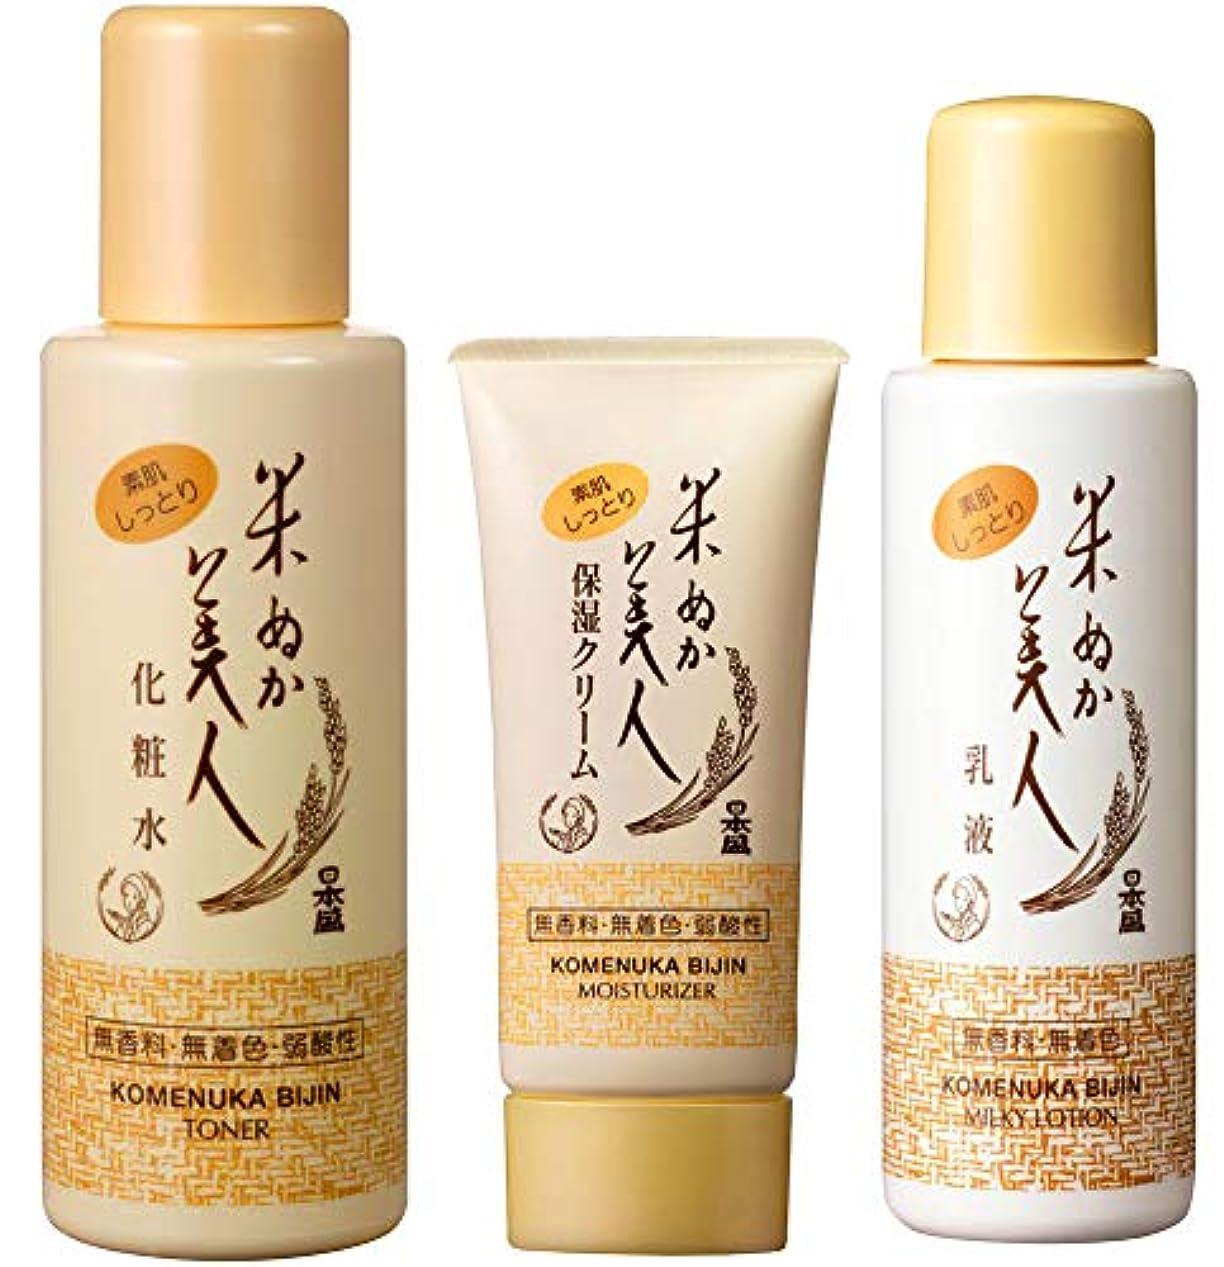 リンス仕出します再撮り【まとめ買い3点セット】日本盛「米ぬか美人」 化粧水(120ml)+ 乳液(100ml)+ 保湿クリーム(35g)